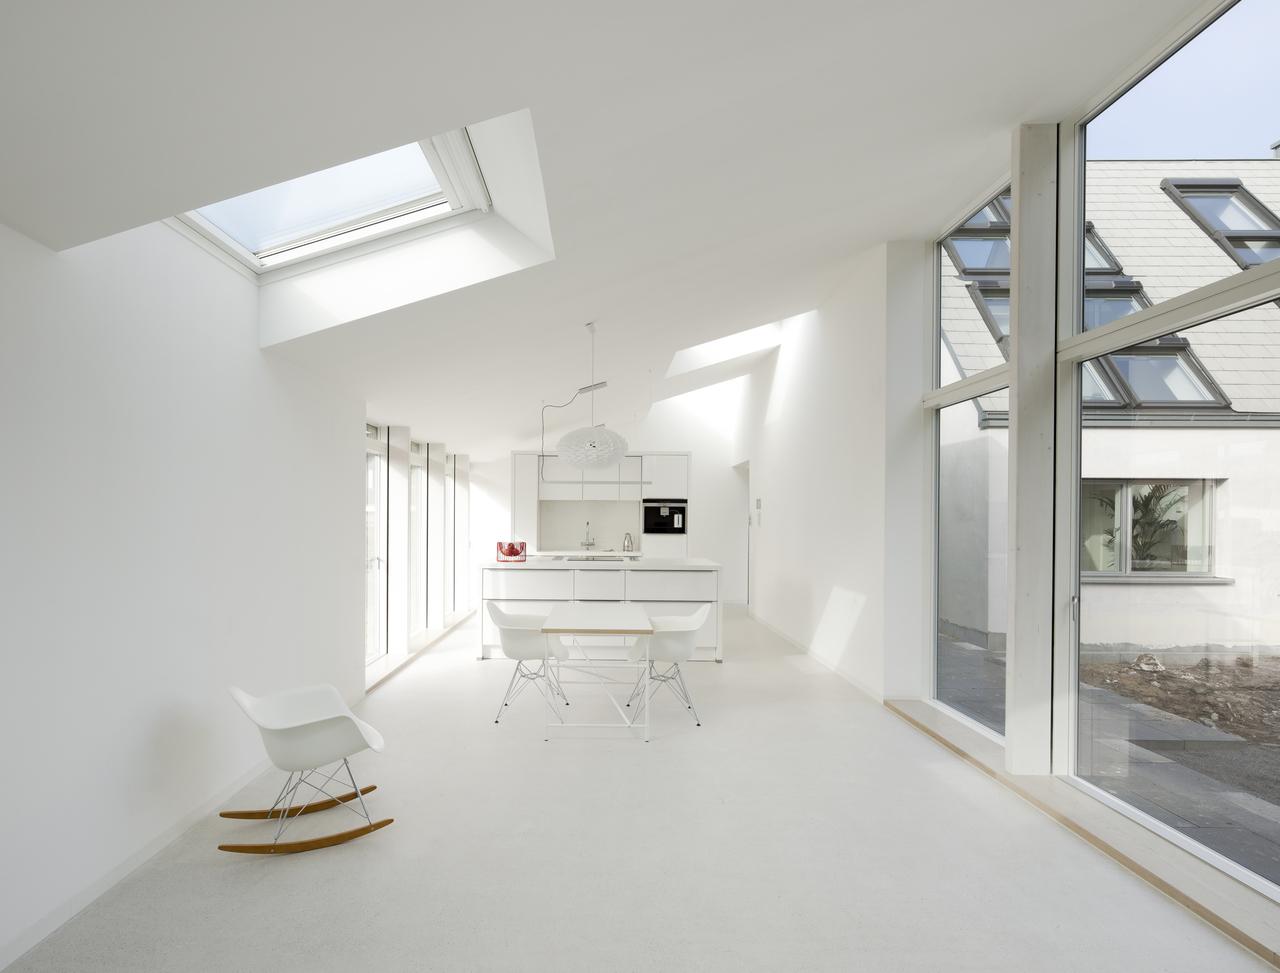 Finestre sul tetto per illuminare la cucina - Finestre grandi ...